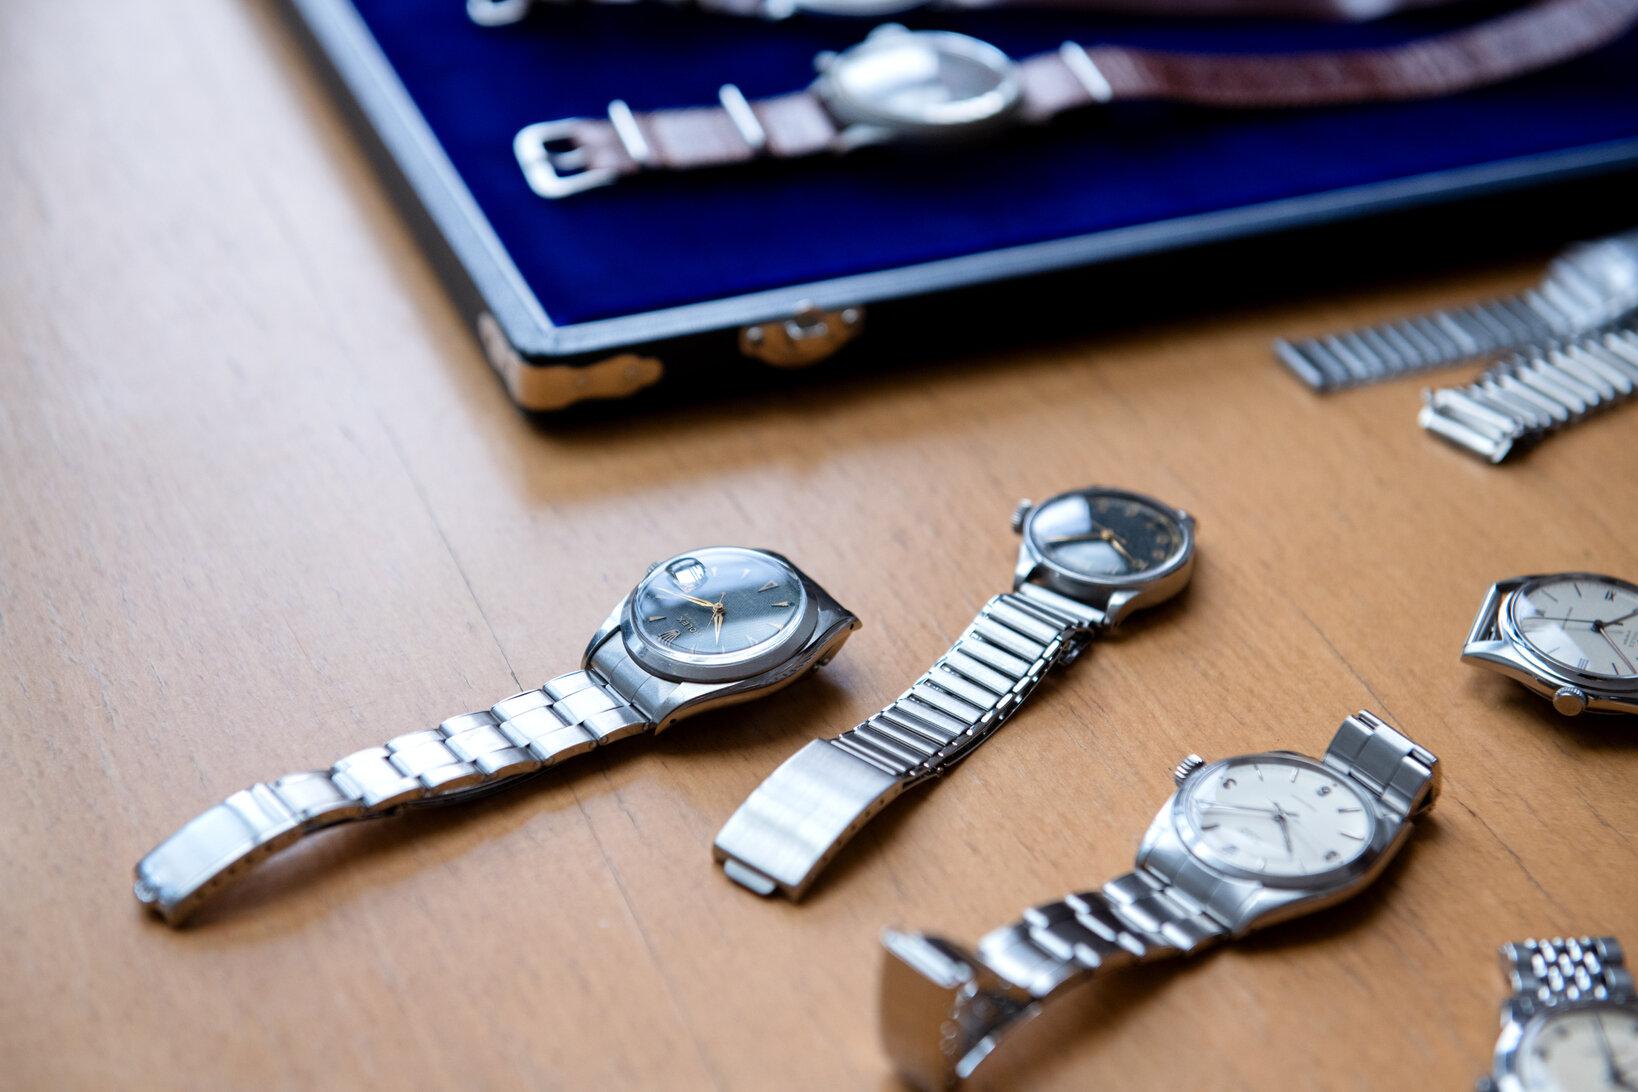 フルオリジナルの時計と並んでもまったく遜色がない抜群の完成度を誇る。